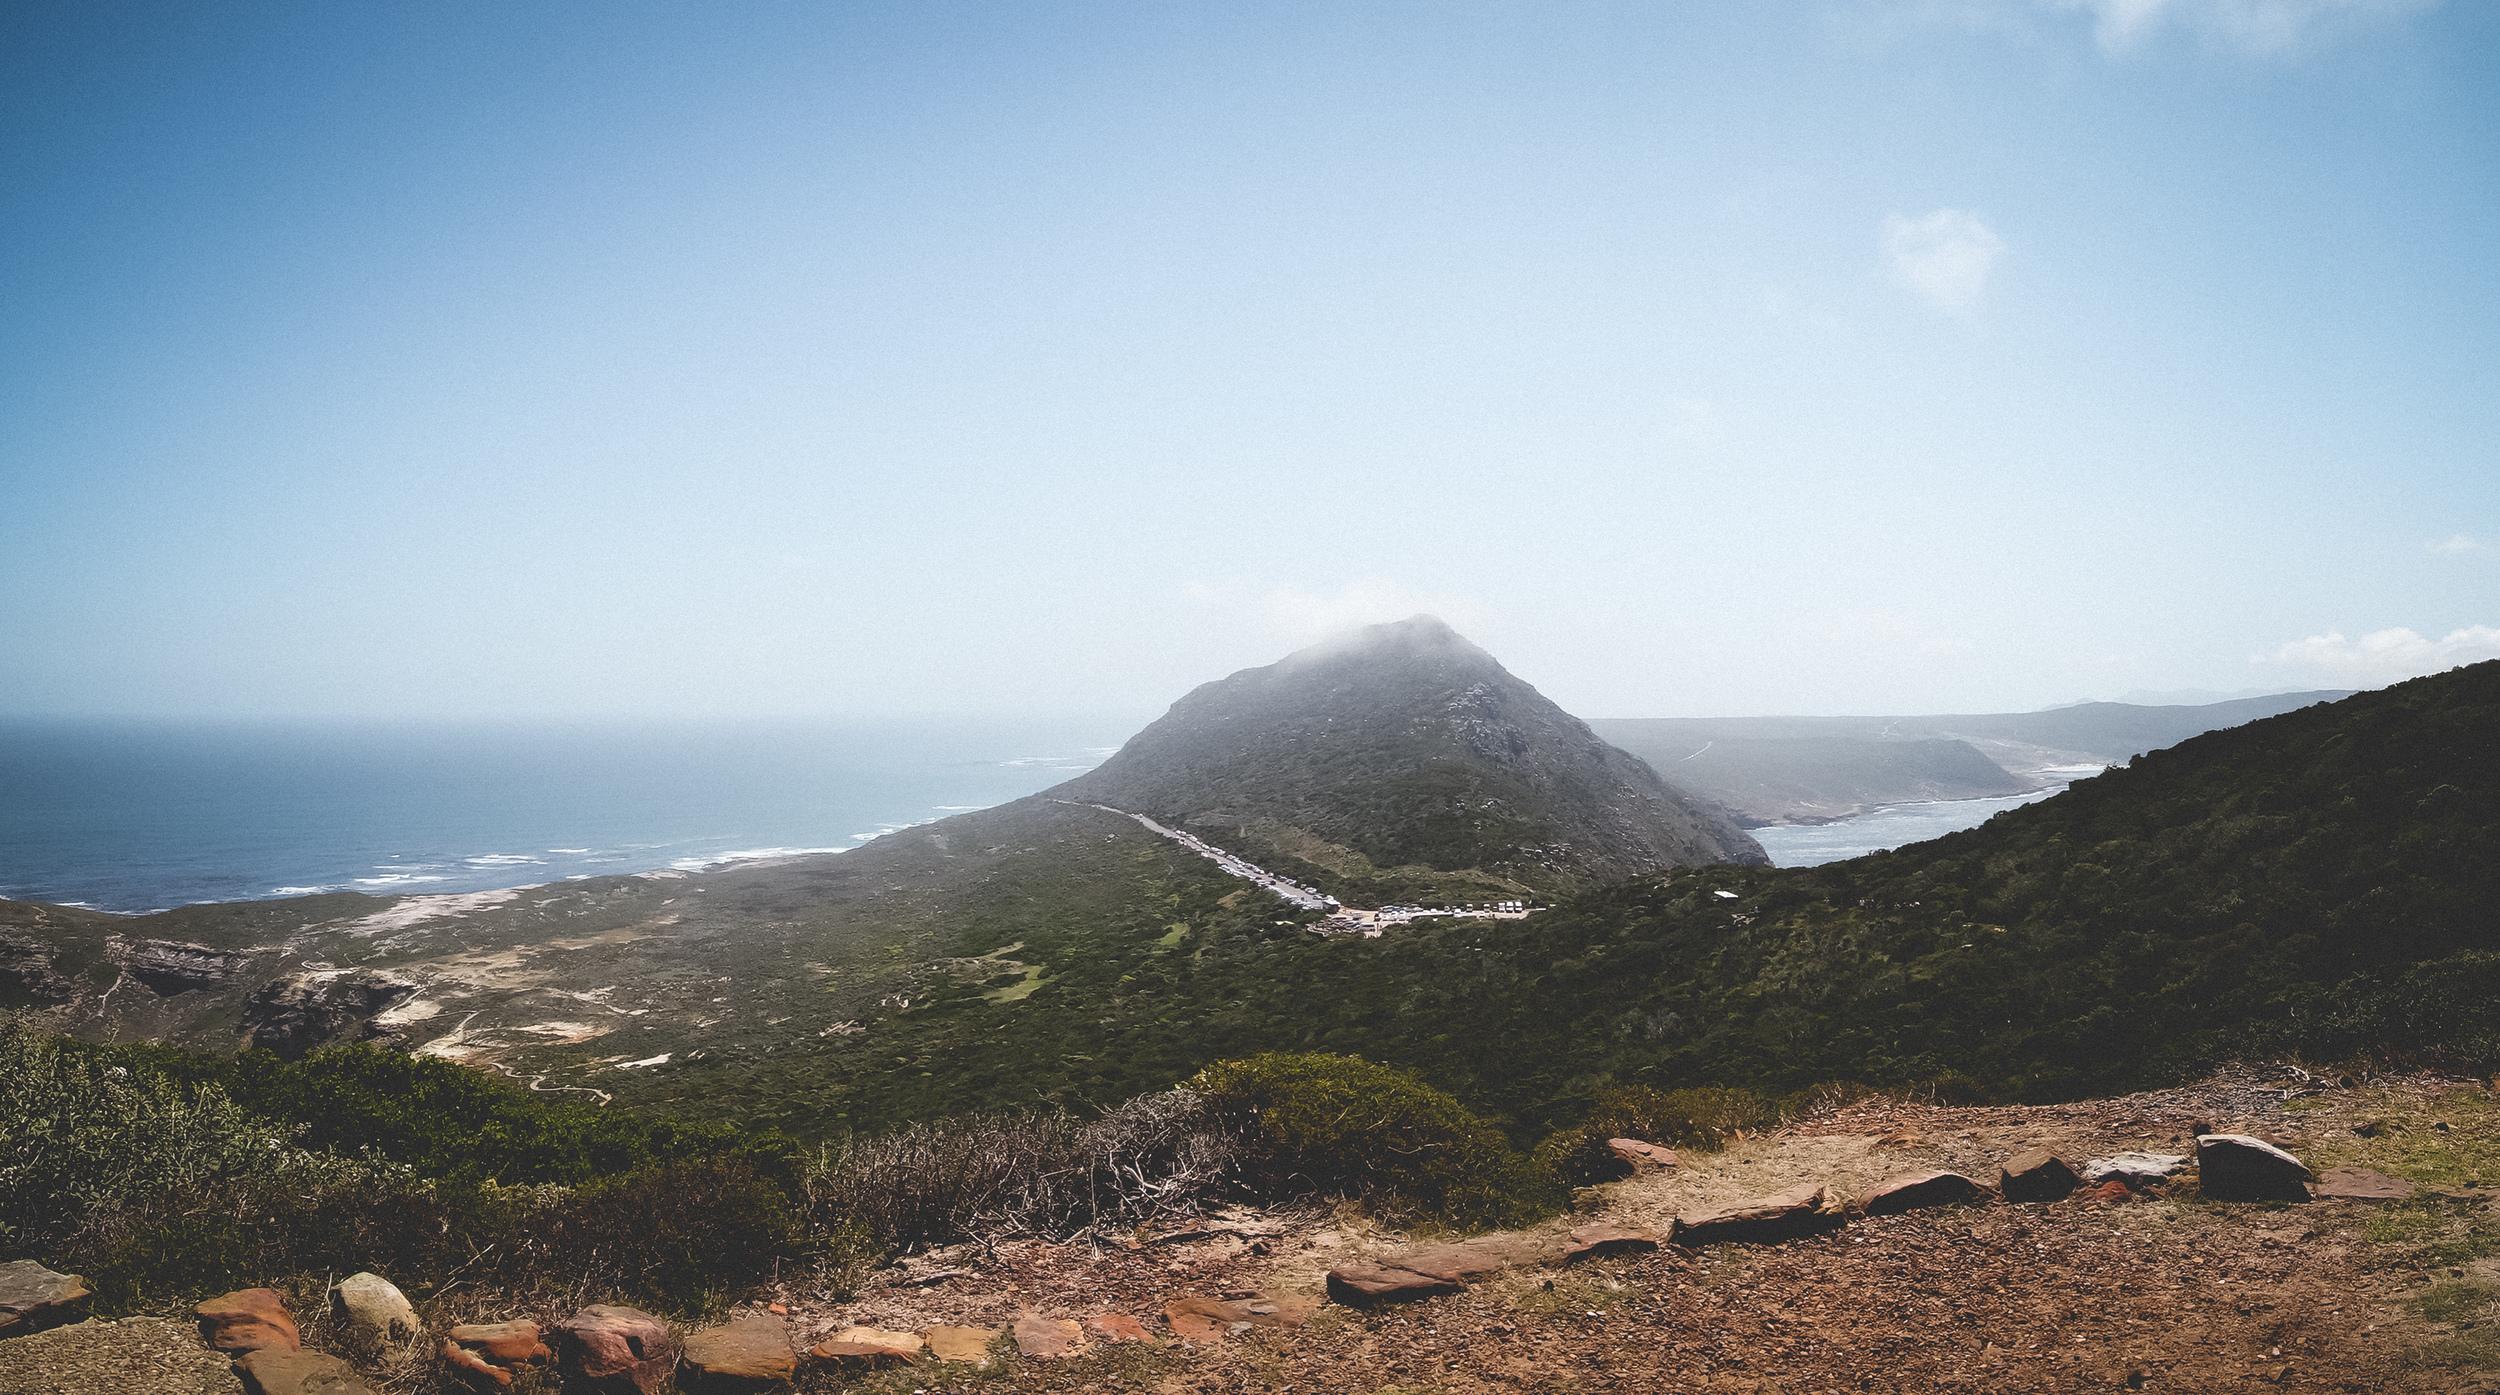 Cape Point Fynbos-7.jpg